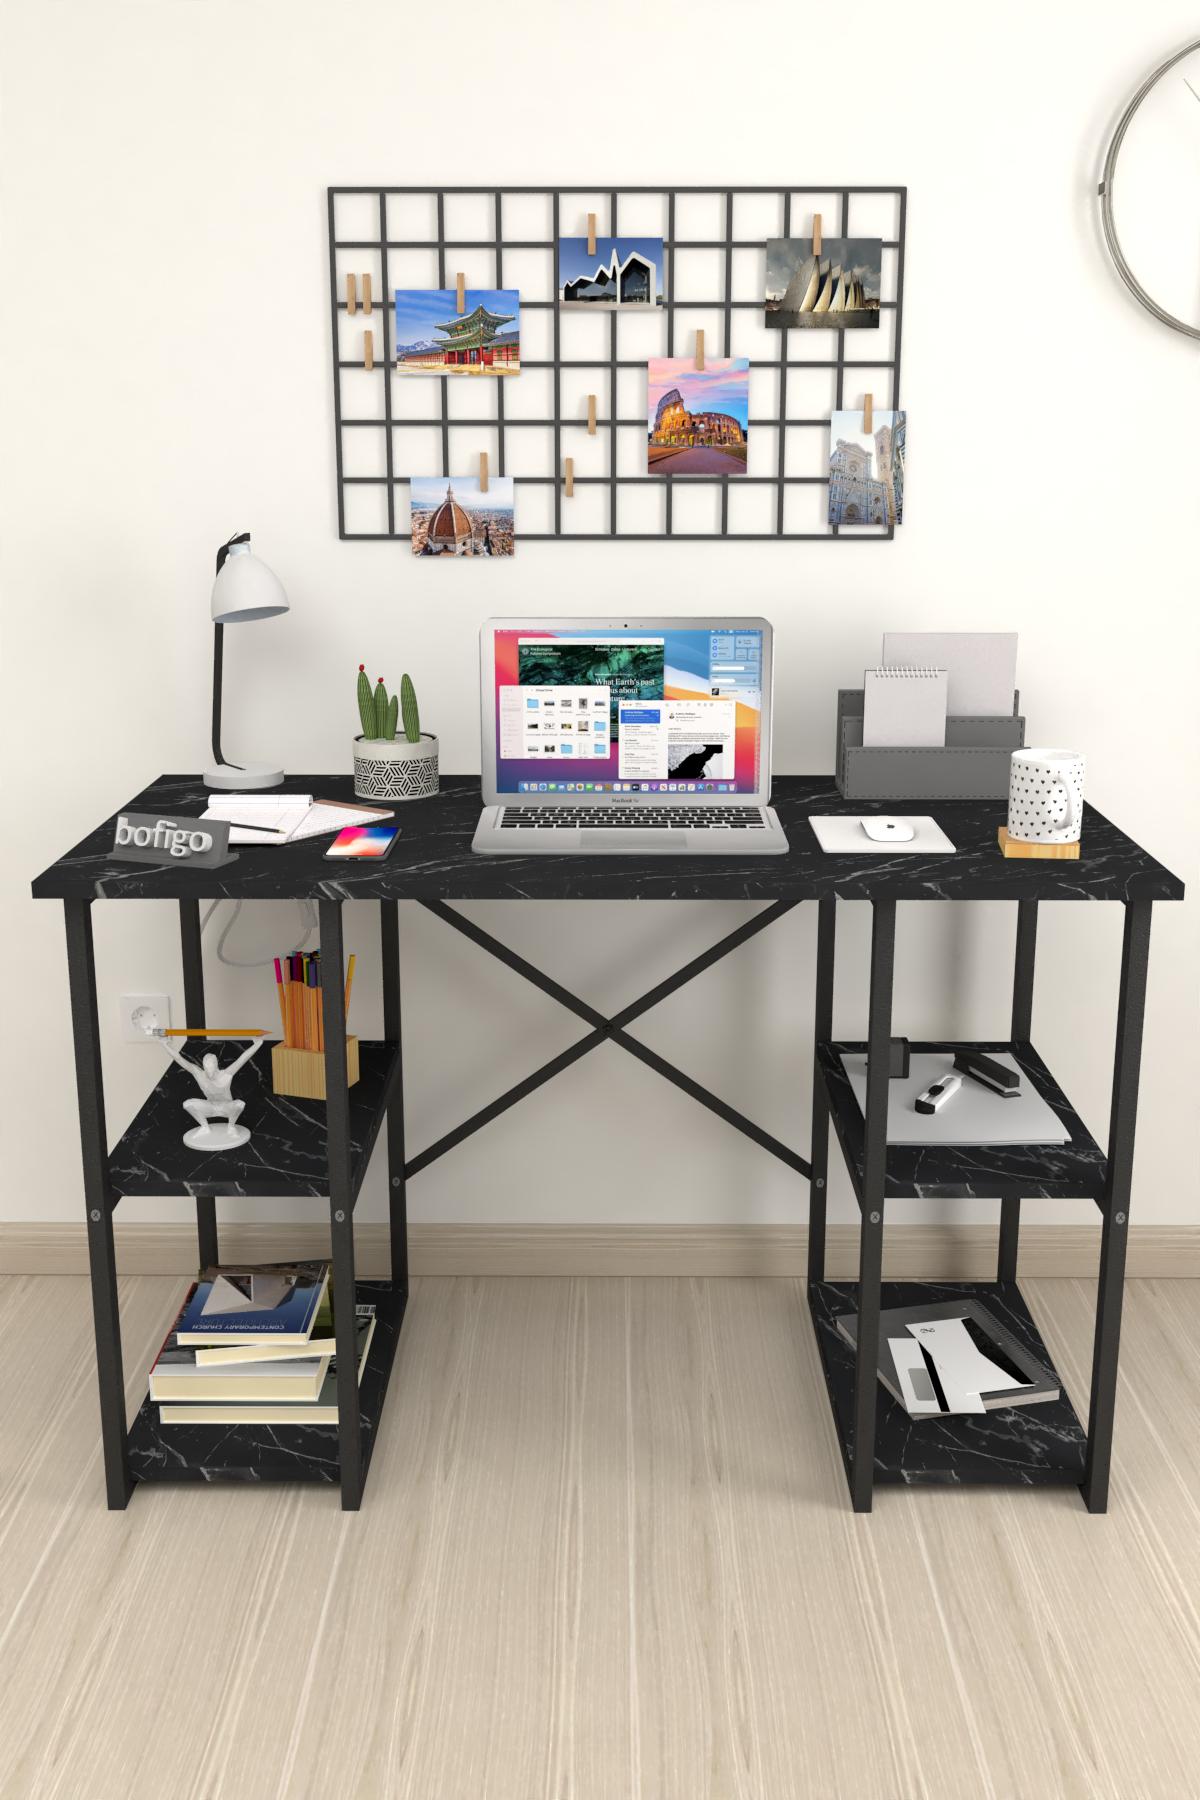 Bofigo 4 Raflı Çalışma Masası 60x120 cm Bendir